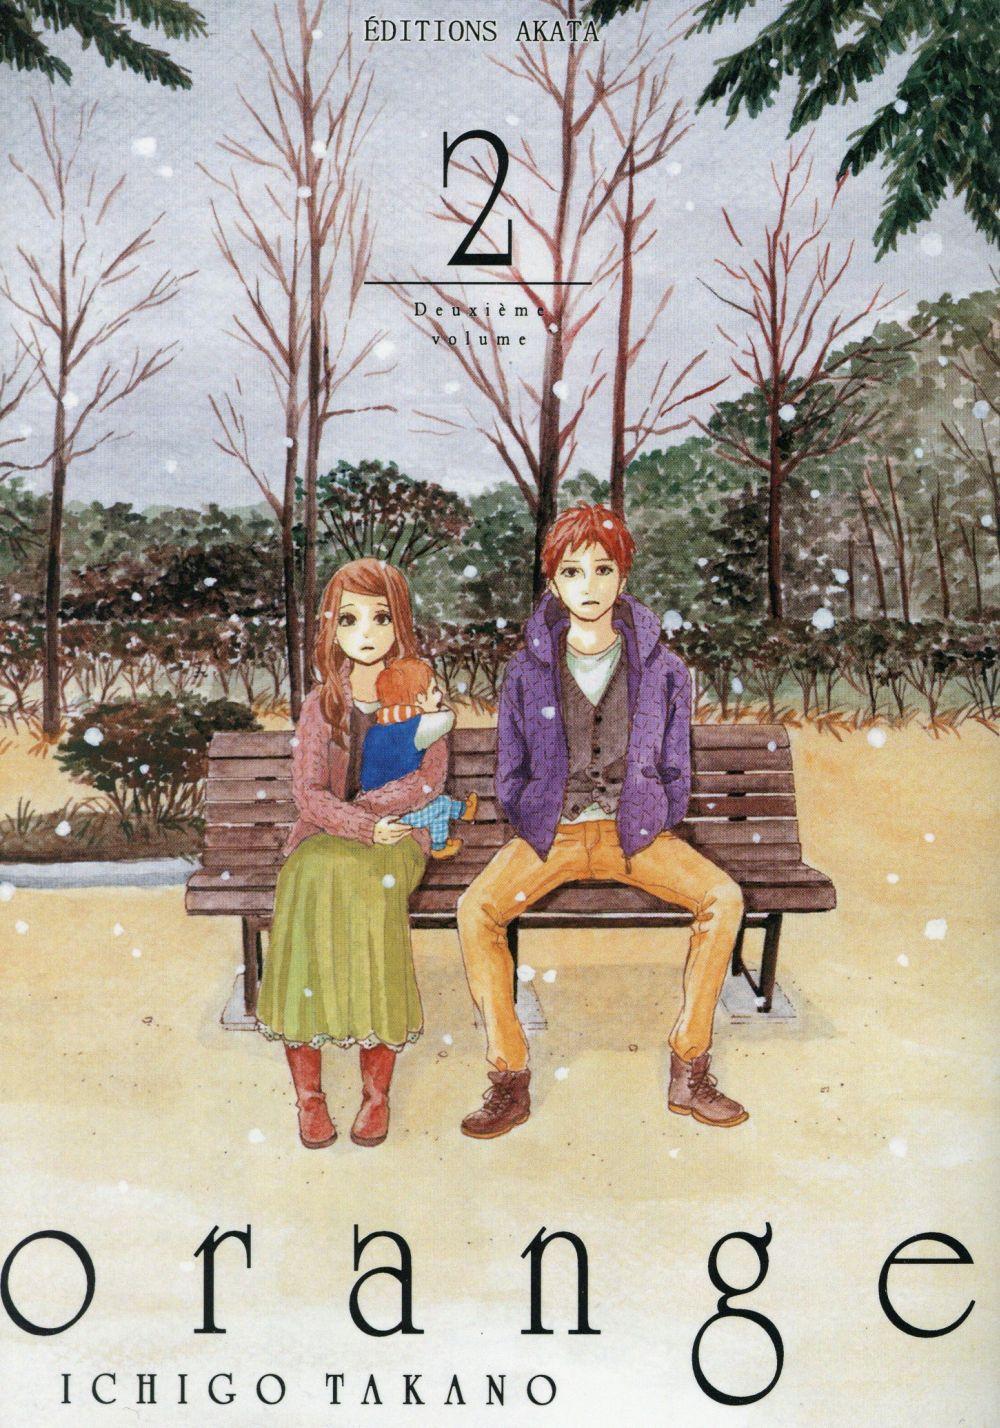 ORANGE - TOME 2 Takano Ichigo Editions Akata